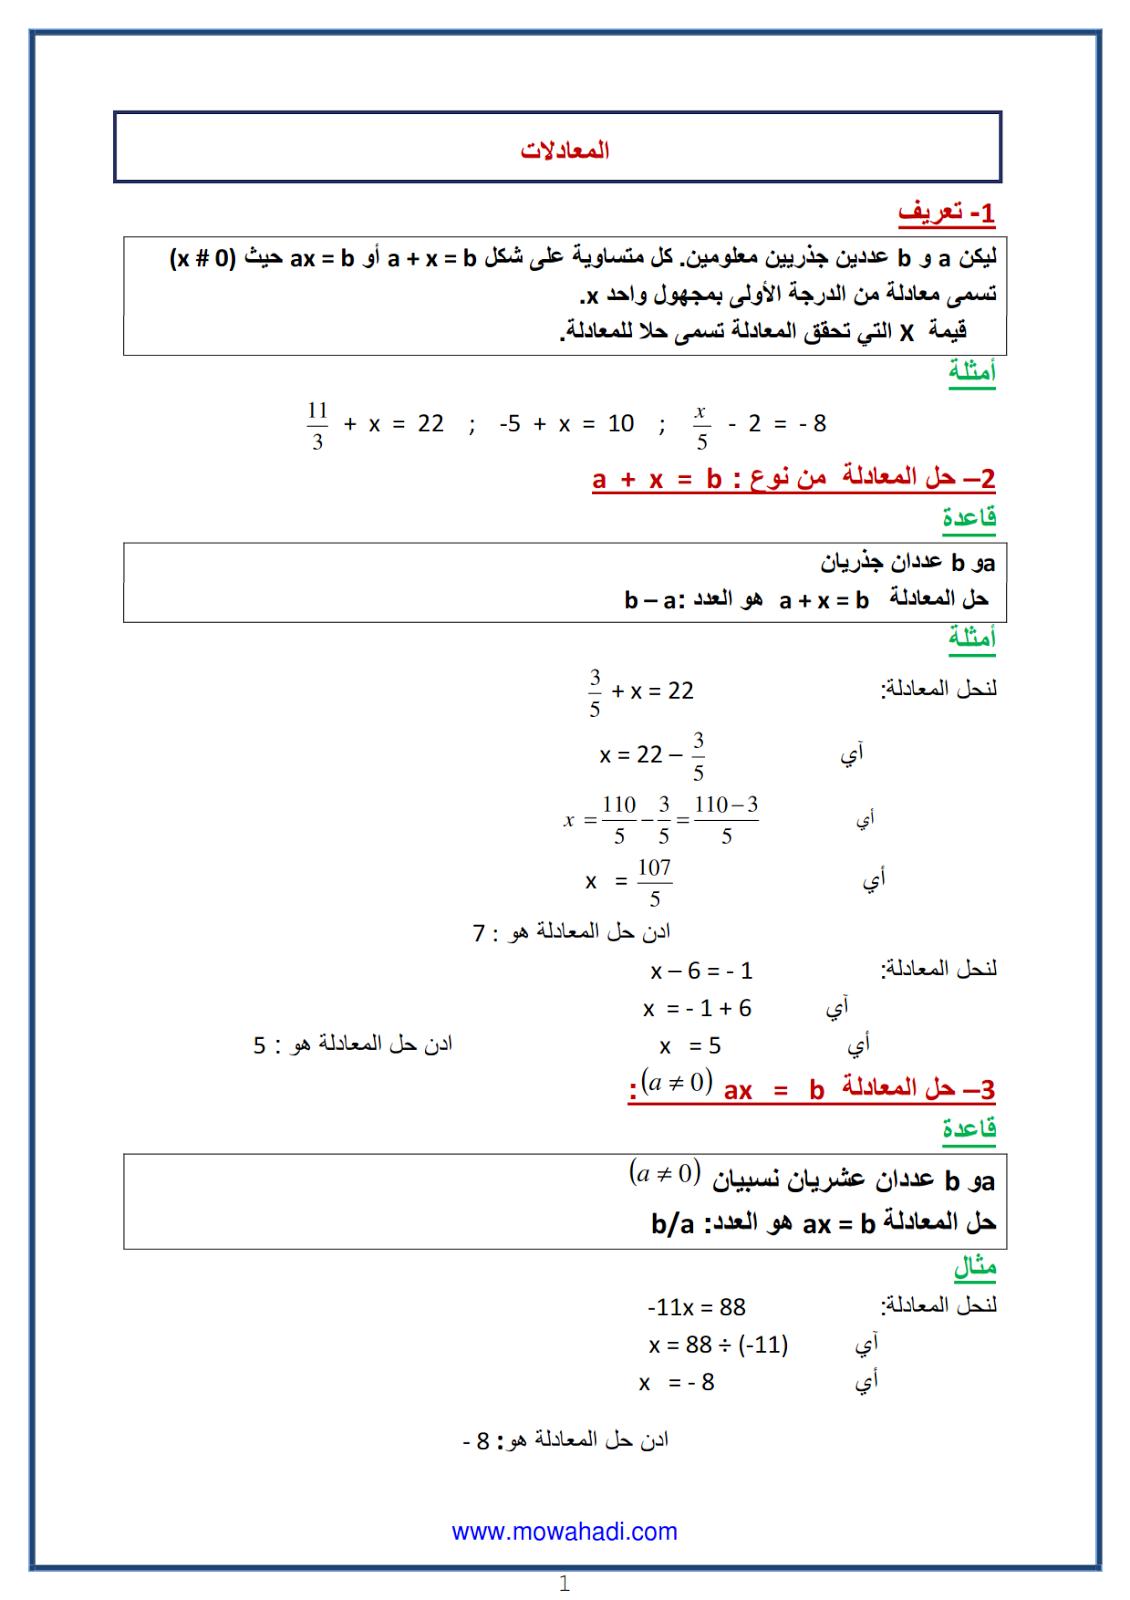 المعادلات